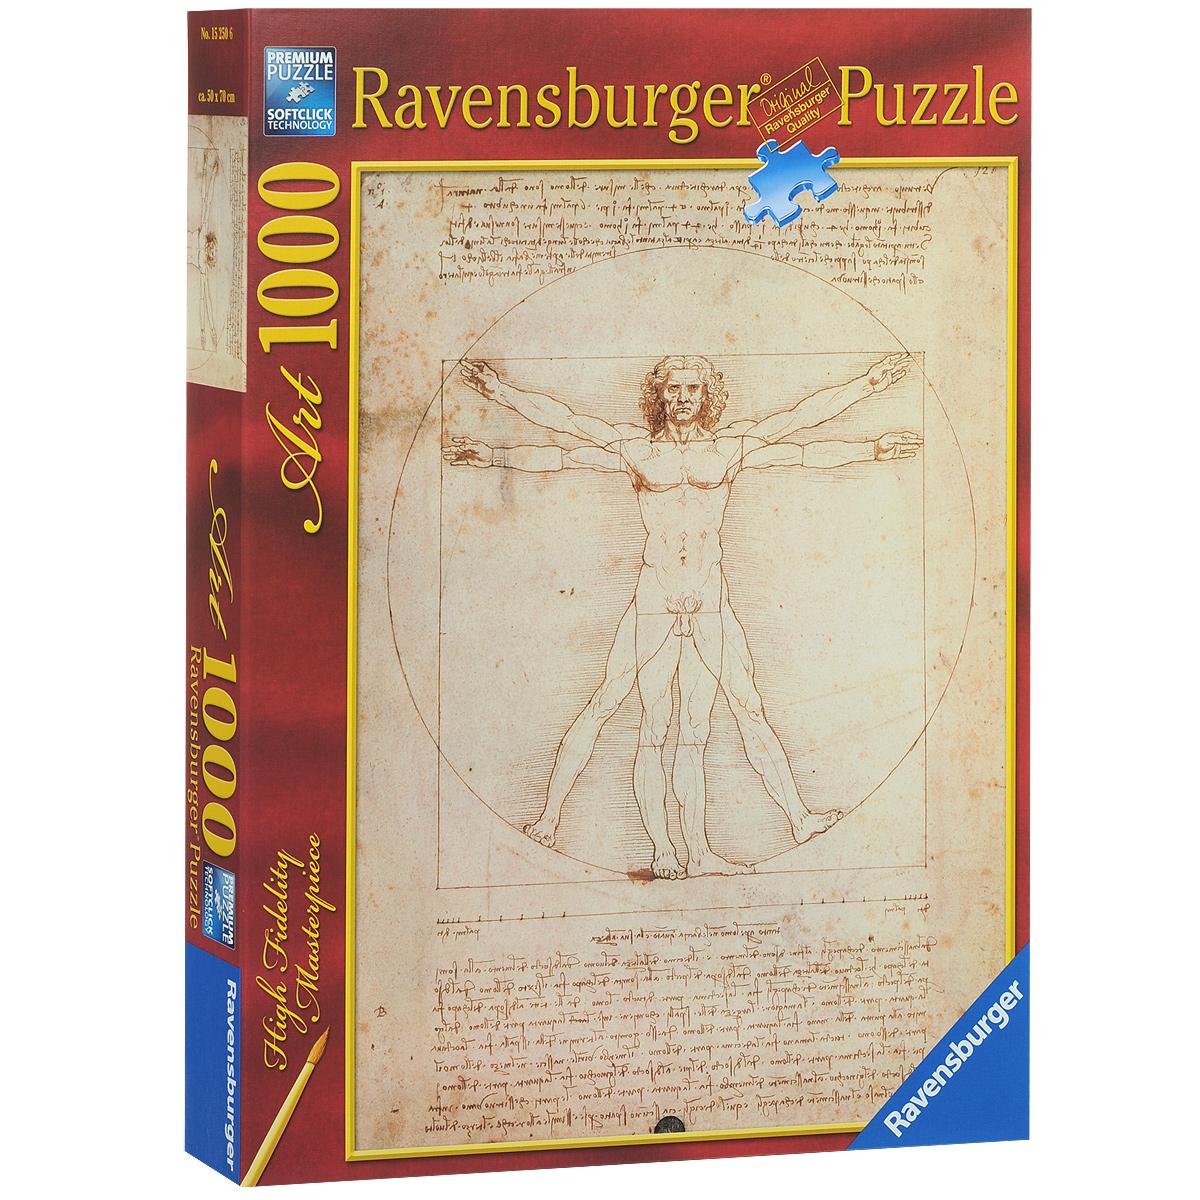 Ravensburger Витрувианский человек (Леонардо да Винчи). Пазл, 1000 элементов152506Пазл Ravensburger Витрувианский человек (Леонардо да Винчи), без сомнения, придется вам по душе. Собрав этот пазл, включающий в себя 1000 элементов, вы получите великолепную картину с изображением человека. Каждая деталь имеет свою форму и подходит только на своё место. Нет двух одинаковых деталей! Пазл изготовлен из картона высочайшего качества. Все изображения аккуратно отсканированы и напечатаны на ламинированной бумаге. Пазл - великолепная игра для семейного досуга. Сегодня собирание пазлов стало особенно популярным, главным образом, благодаря своей многообразной тематике, способной удовлетворить самый взыскательный вкус. А для детей это не только интересно, но и полезно. Собирание пазла развивает мелкую моторику у ребенка, тренирует наблюдательность, логическое мышление, знакомит с окружающим миром, с цветом и разнообразными формами.